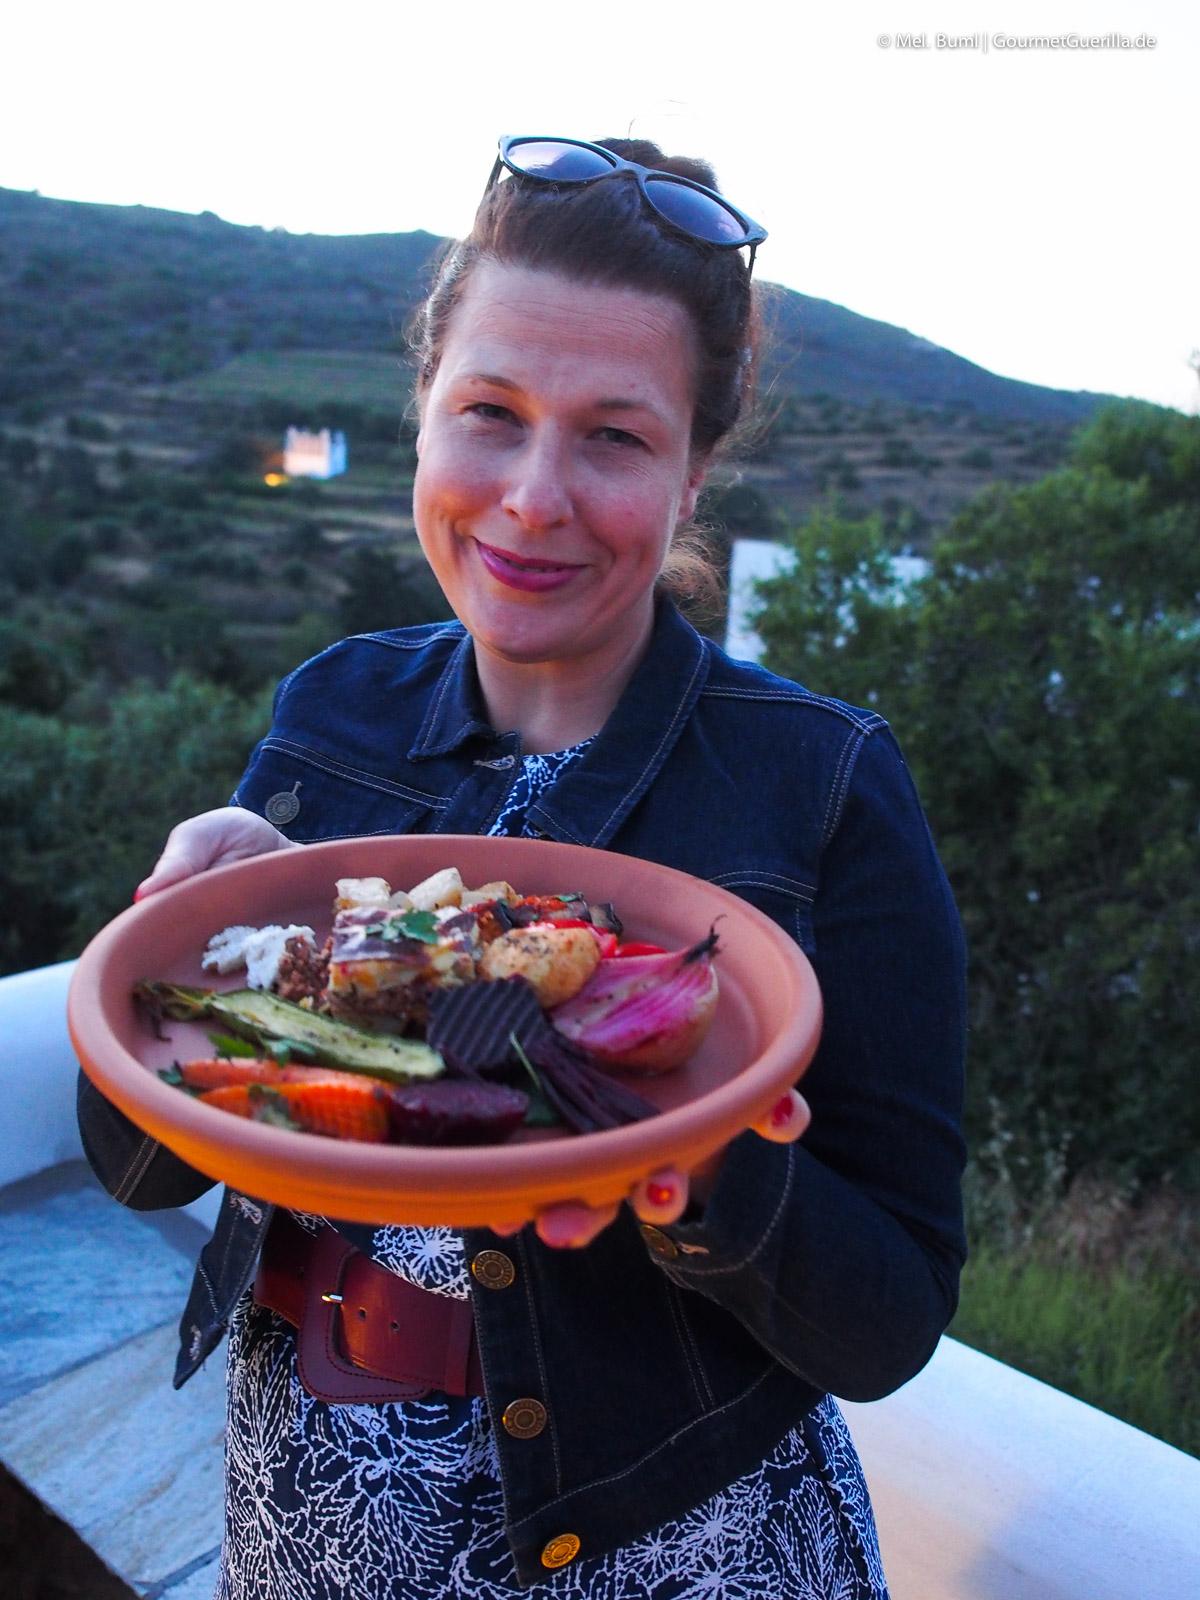 Essen aus regionalen Produkten Reisebericht Tinos Foodpath griechische Insel Kykladen Griechenland |GourmetGuerilla.de